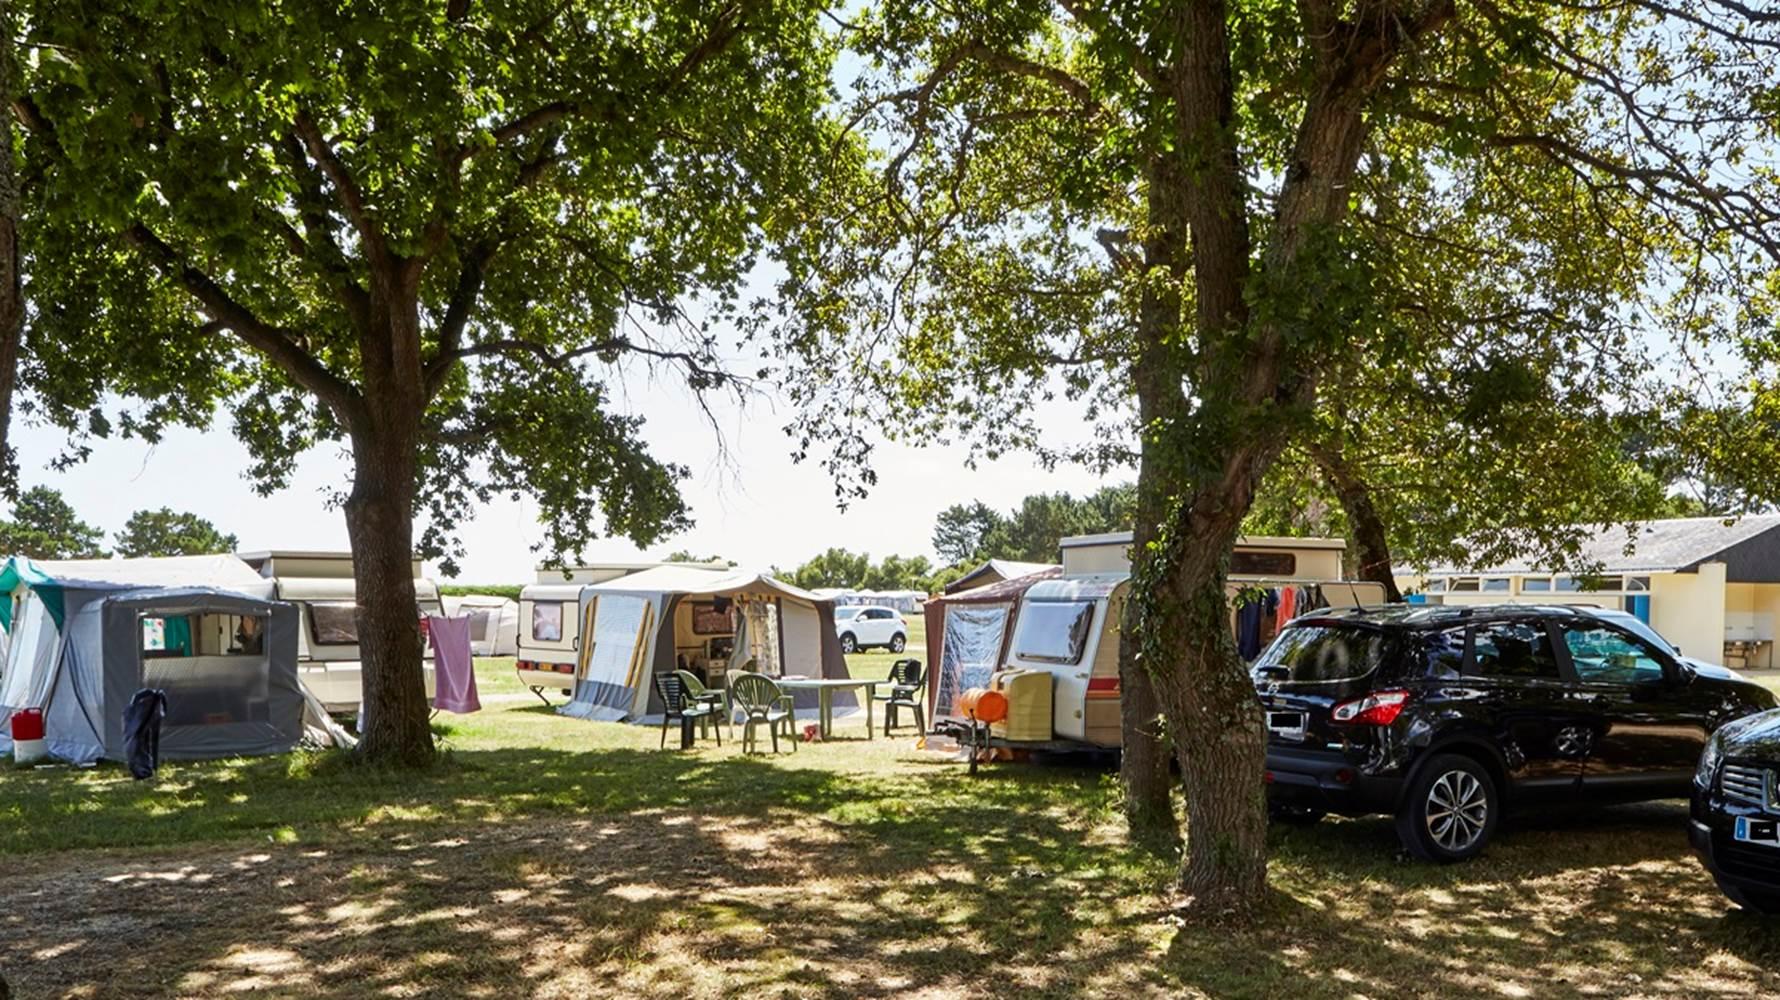 Emplacements-Camping-municipal-Le-Roch-Vetur-Le-Tour-du-Parc-Morbihan-Bretagne Sud ©